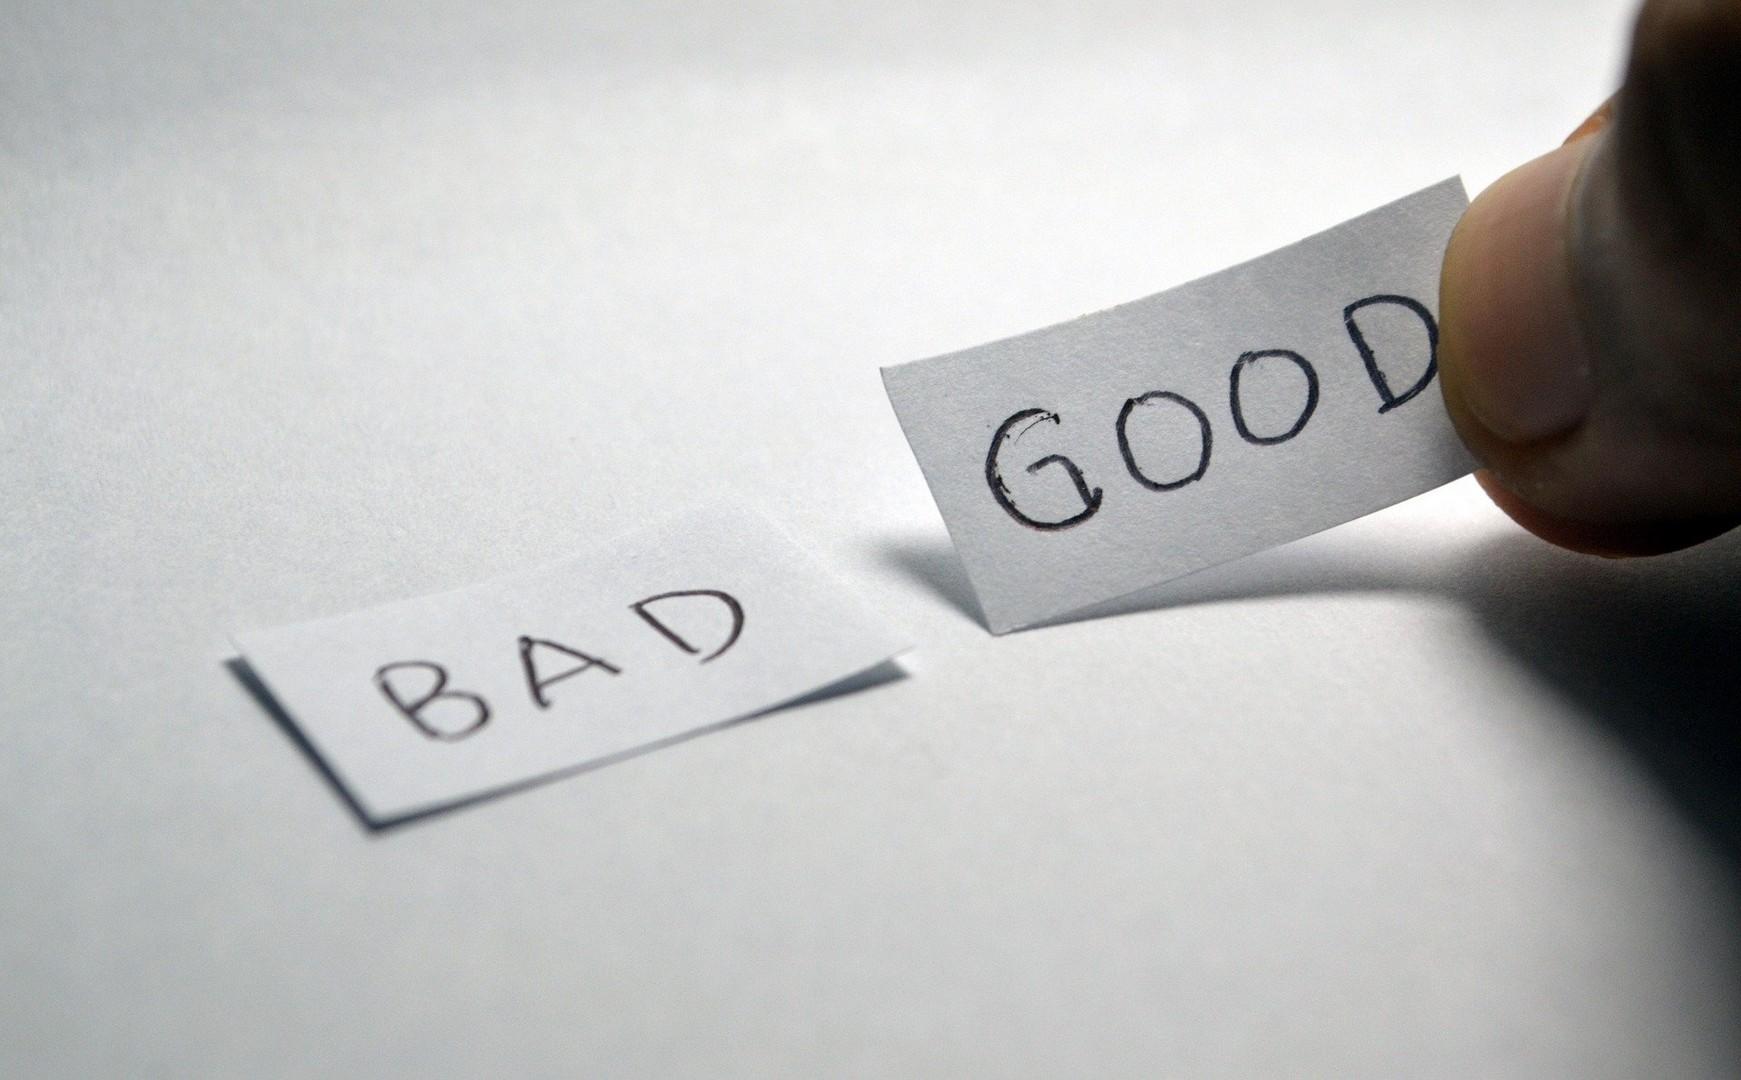 Как убрать плохие мысли из головы🥺: выкидываем бесполезную дурь